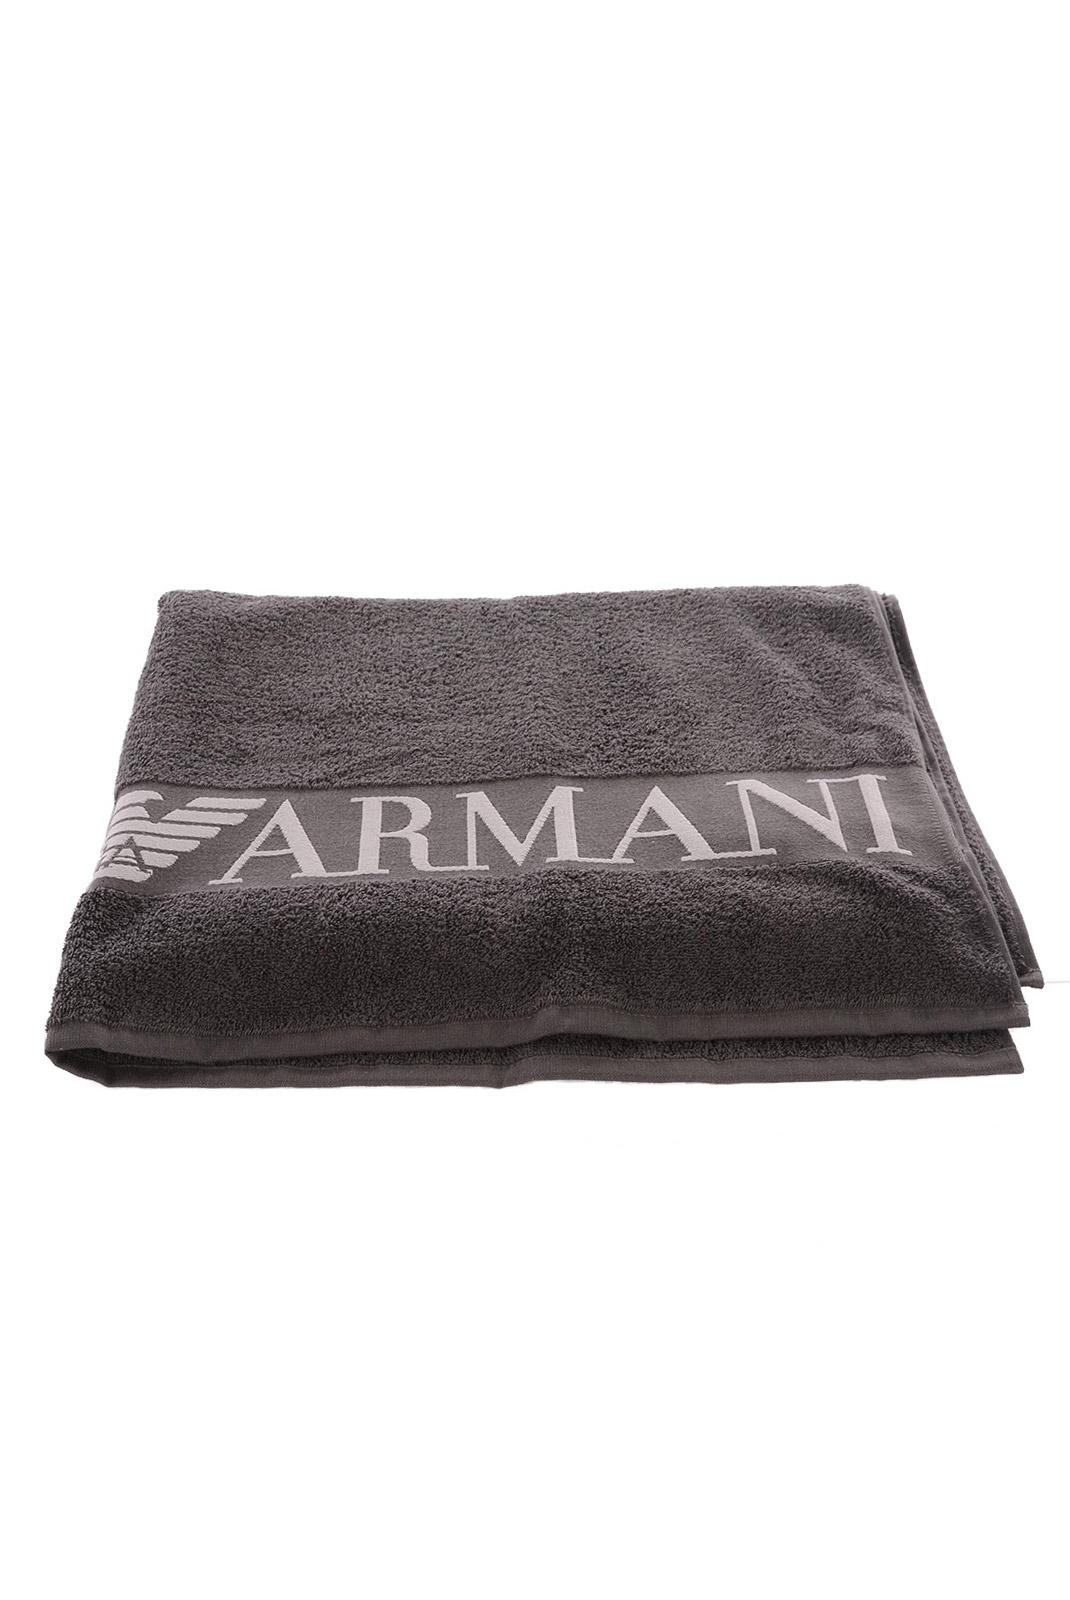 Serviettes de bain homme emporio armani 211095 5p482 13343 - Serviette de bureau pour homme ...